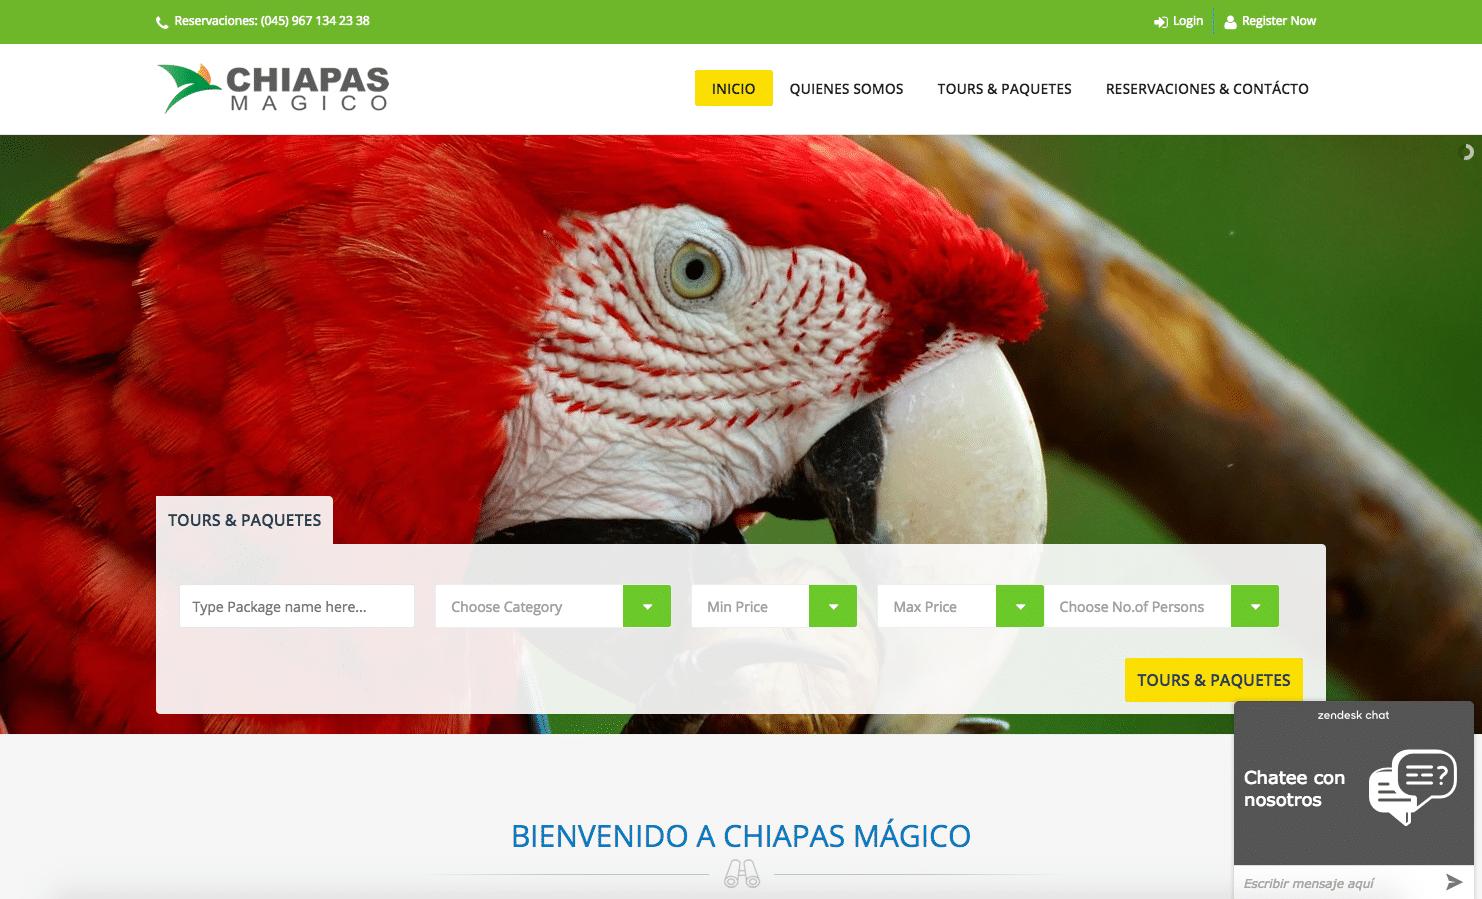 Chiapas Magico